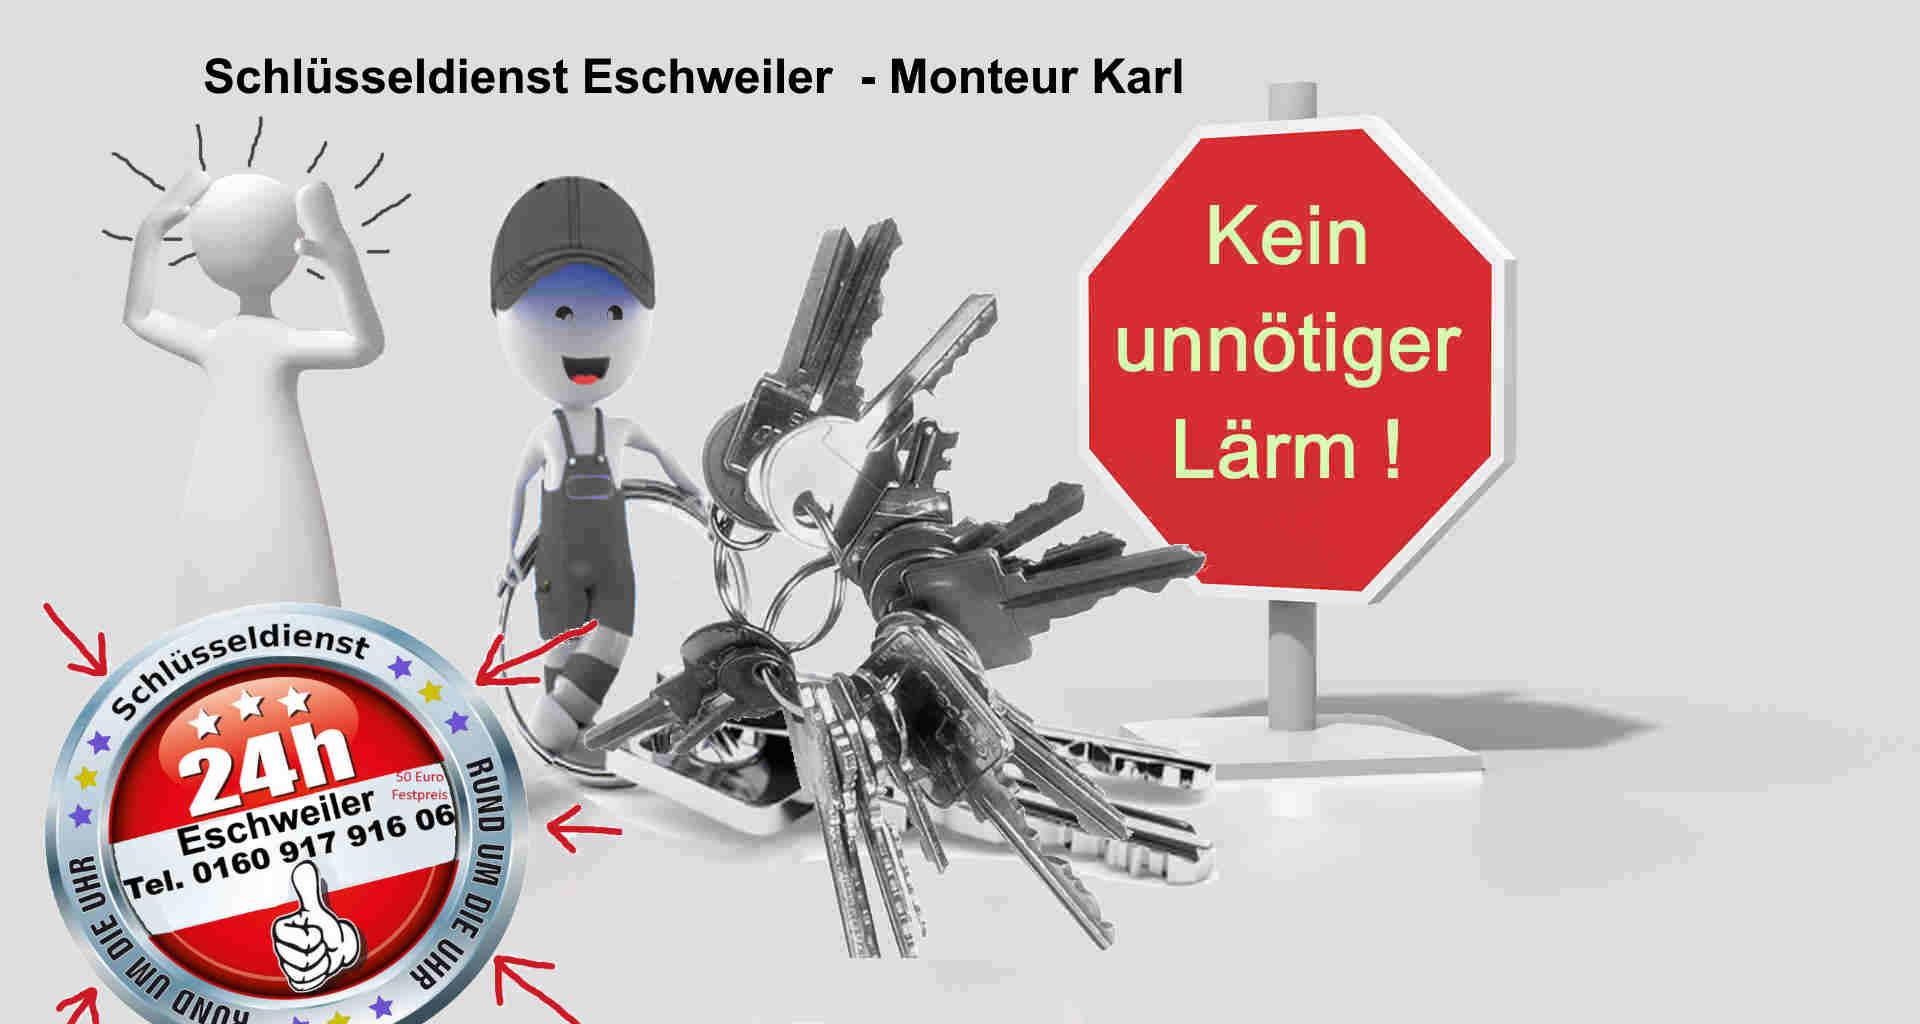 Schlüsseldienst Eschweiler - kein Lärm - Tür öffnen fast lautlos - Es geht auch anders !